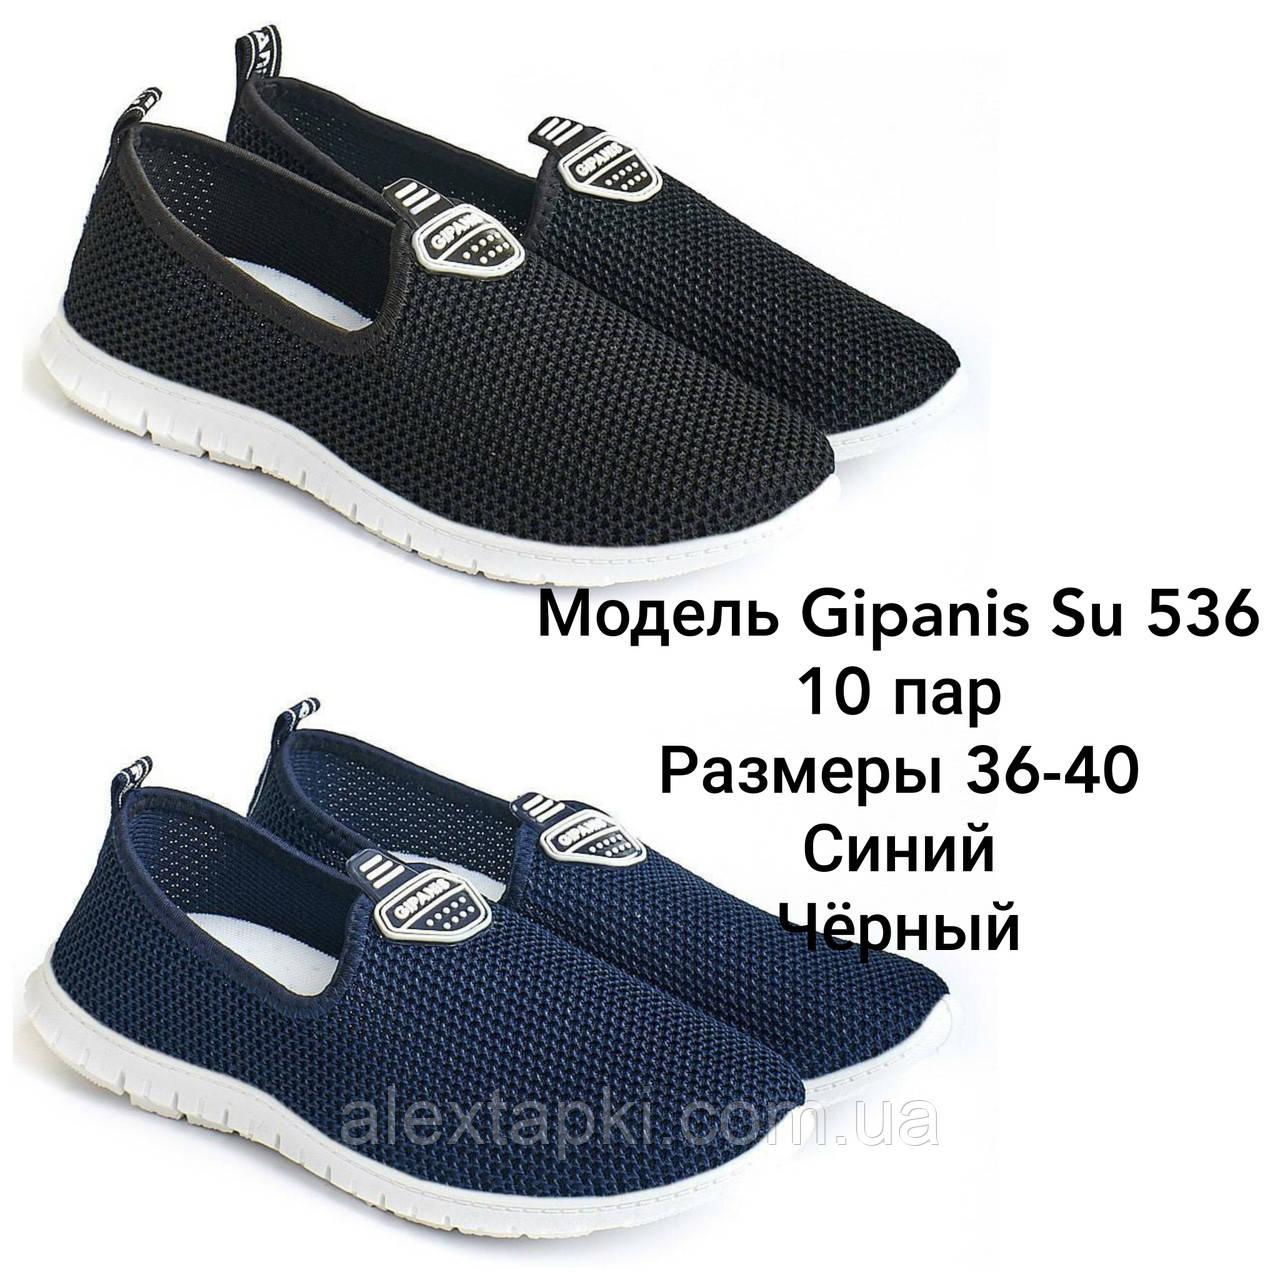 Женские мокасины GIPANIS SU 536